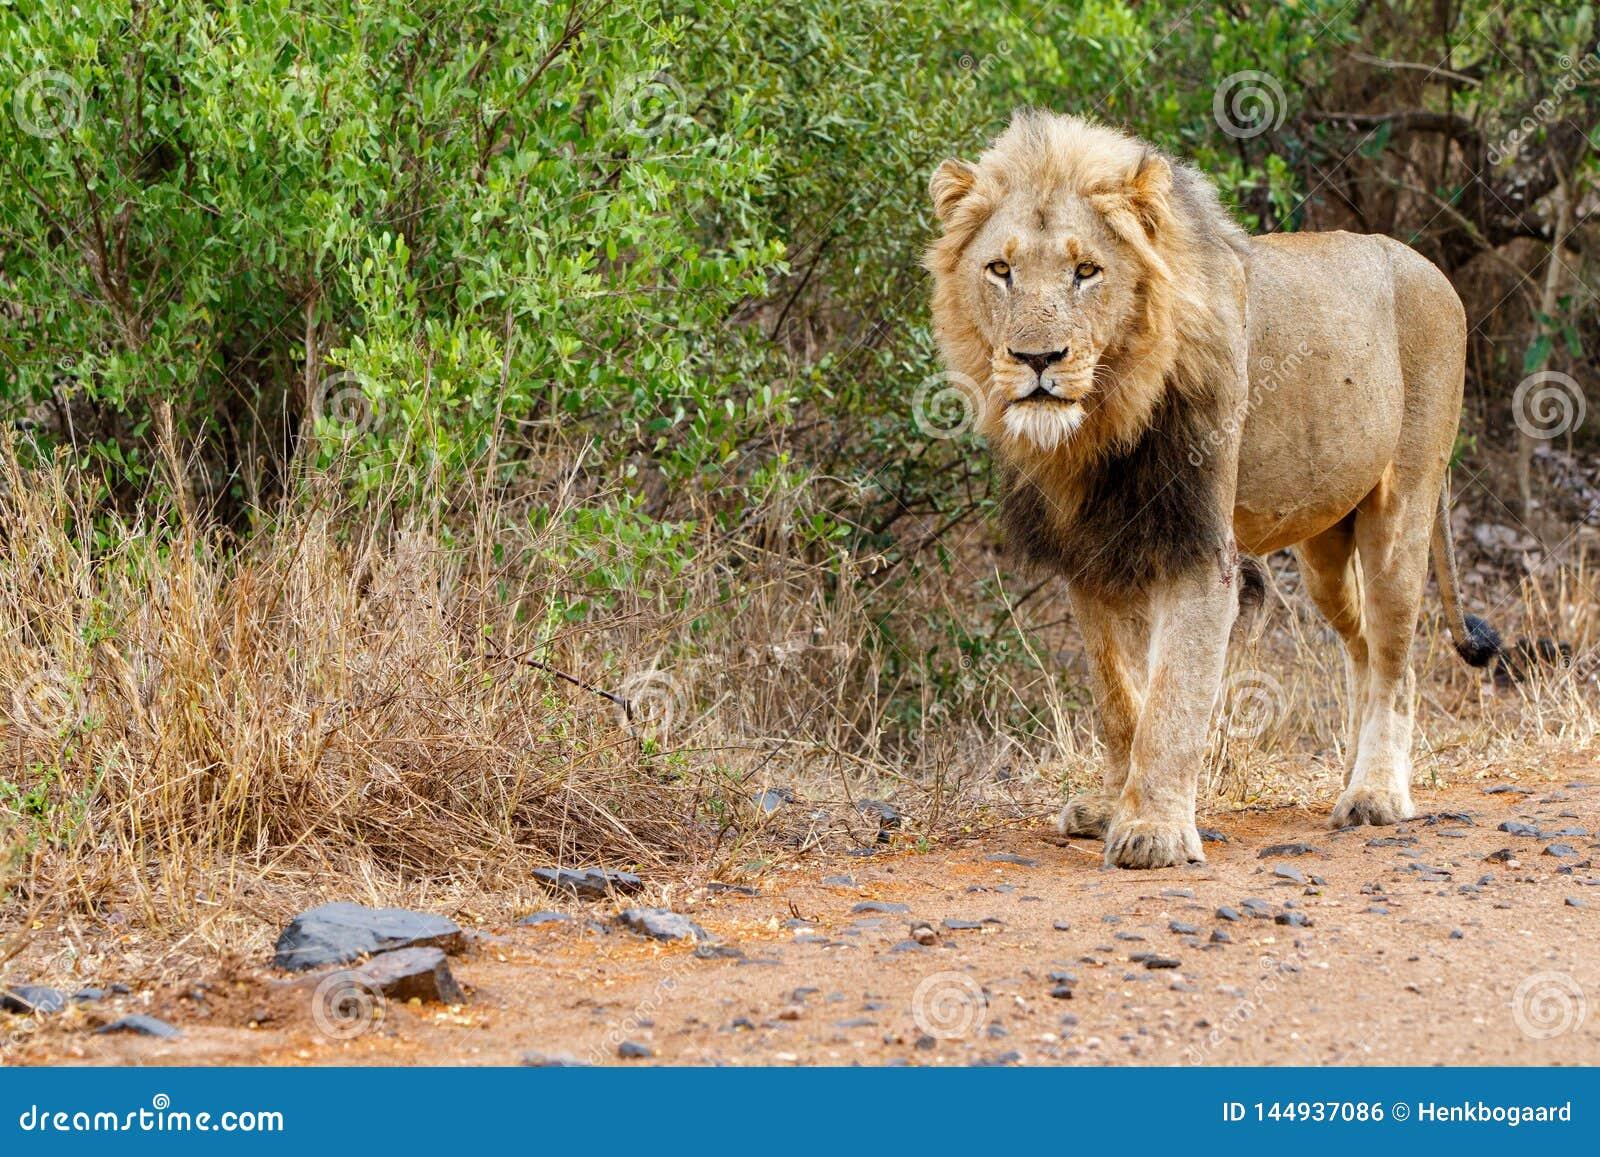 Männlicher Löwe in Kruger NP - Südafrika